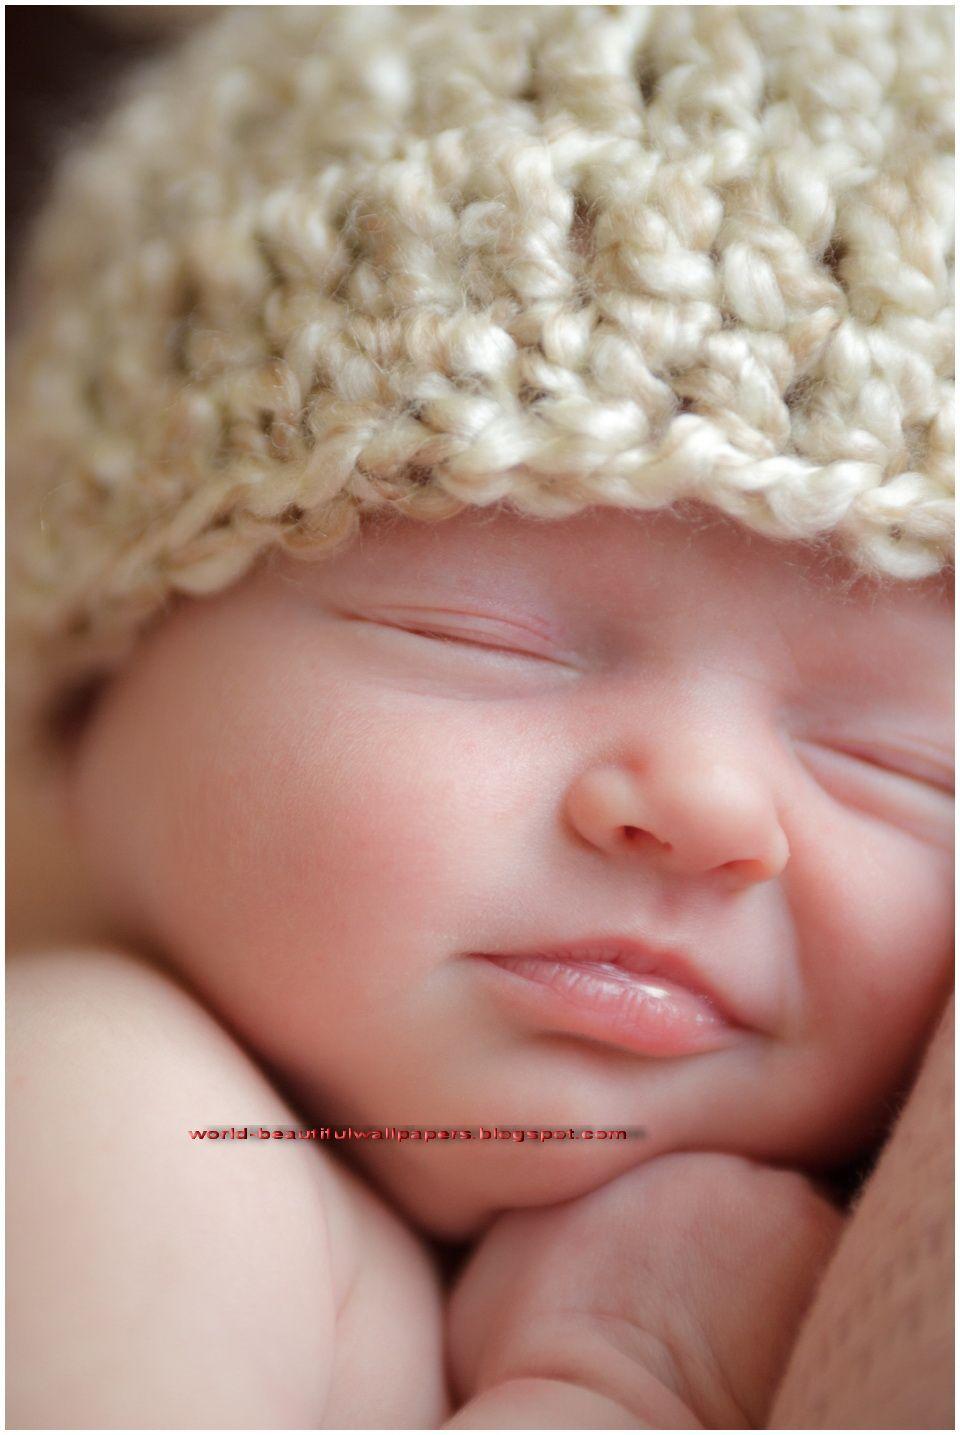 Newborn baby wallpaper koleksi gambar kualitas hd gede